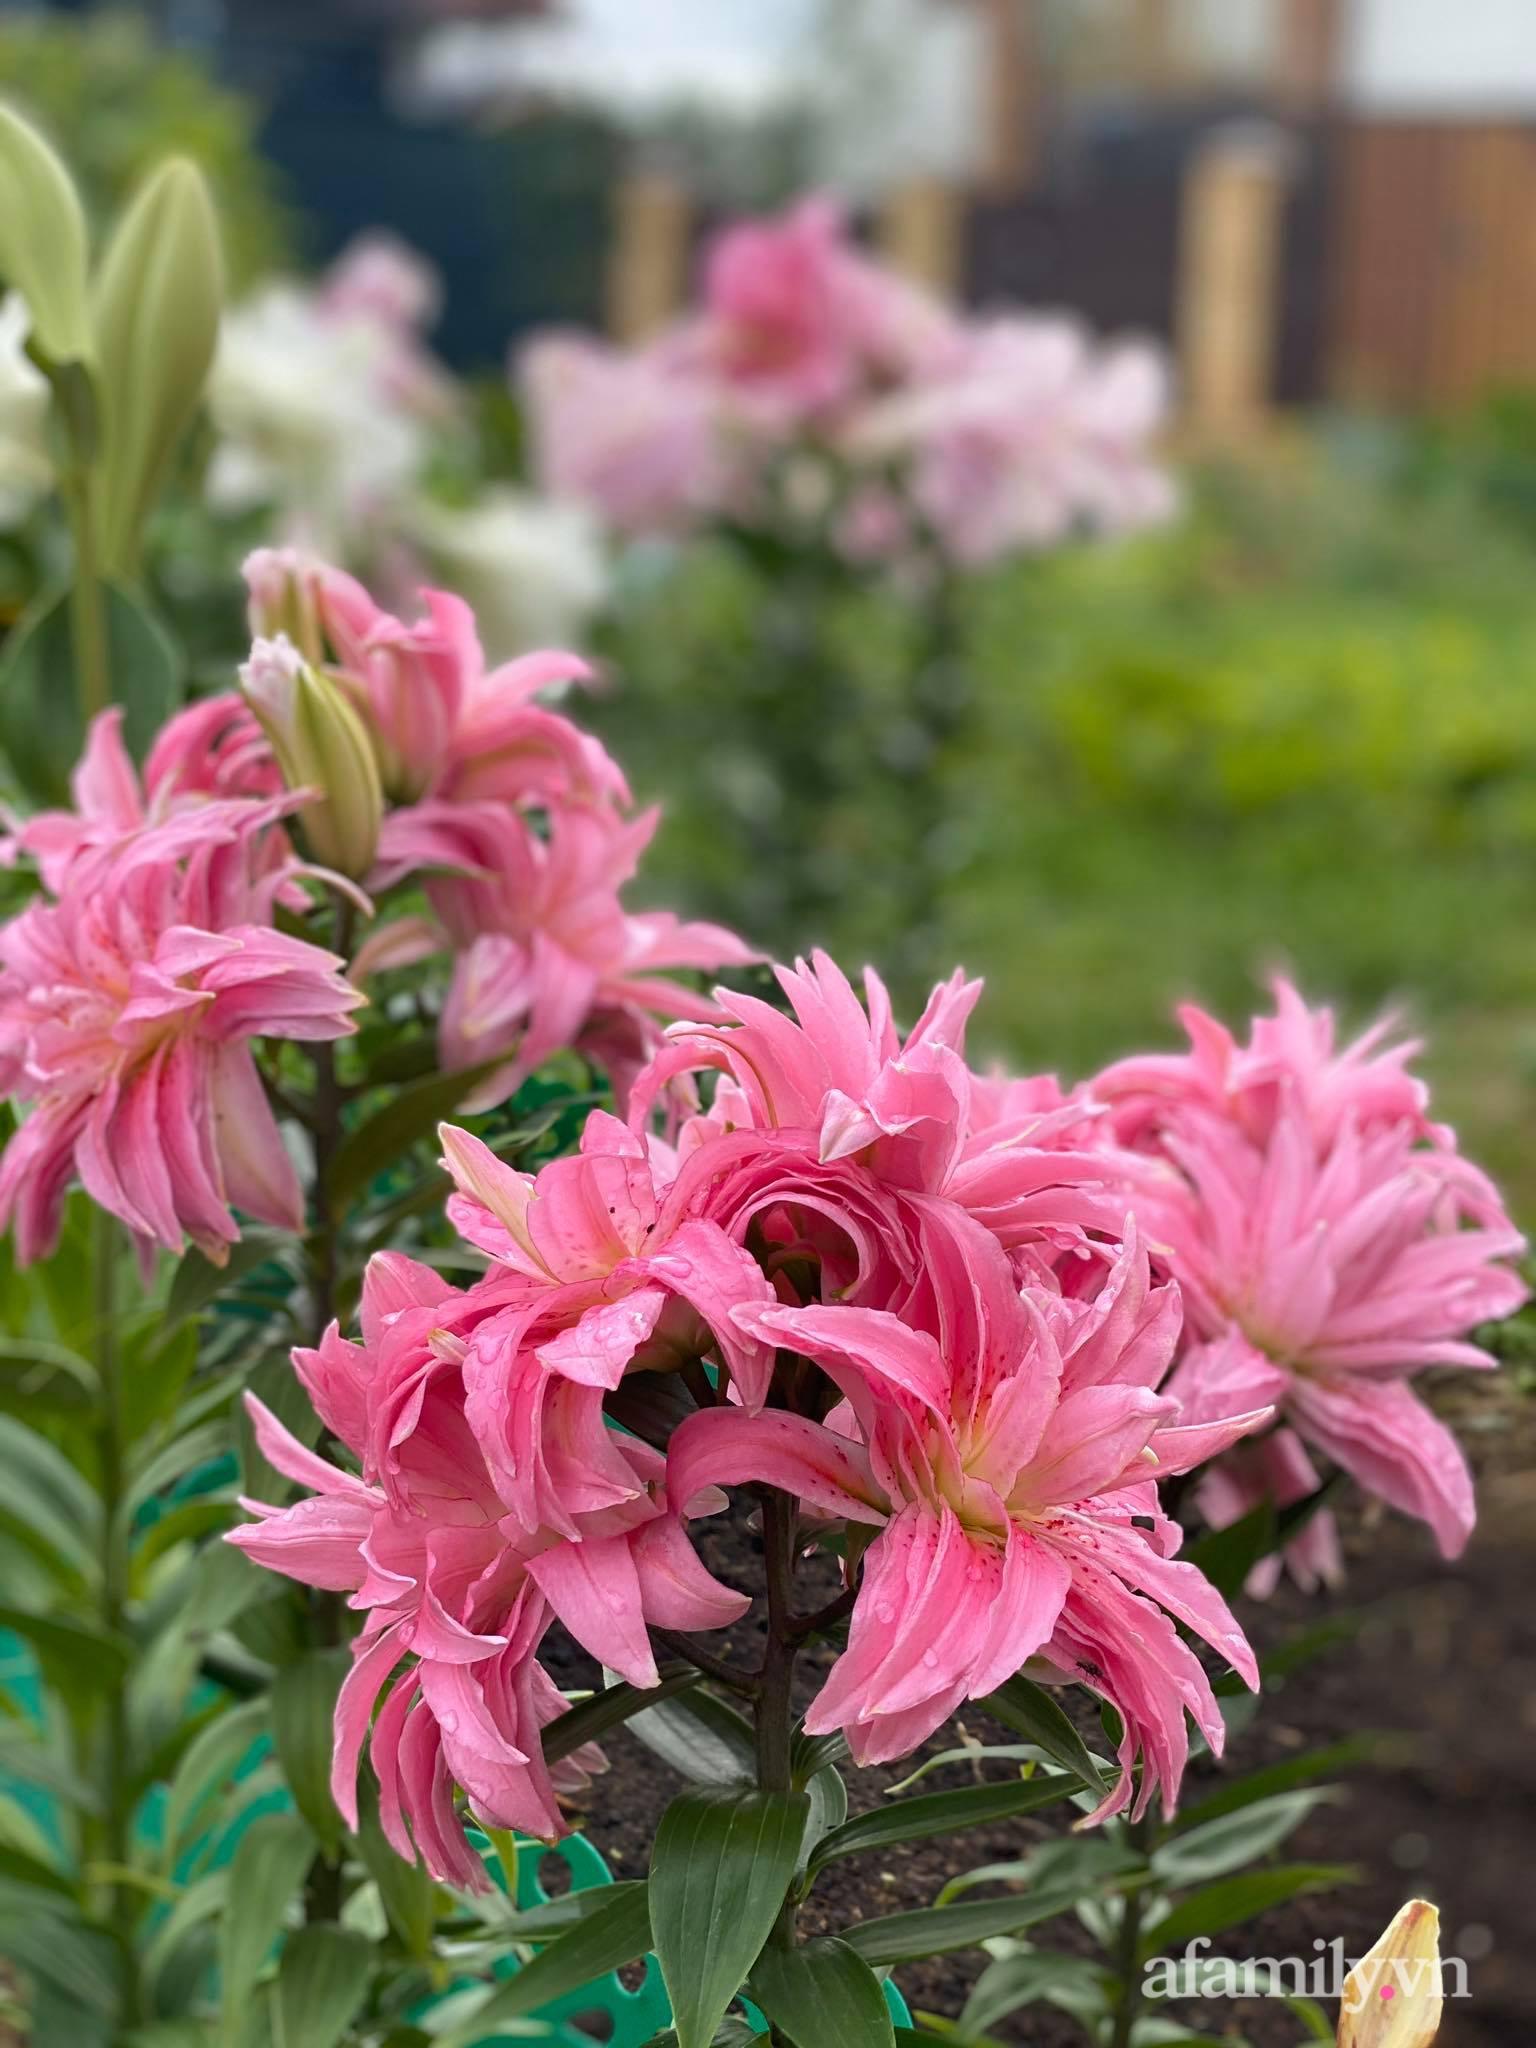 Khu vườn ngát hương hoa, tươi xanh màu rau củ của nữ giám đốc Việt ở Nga - Ảnh 12.